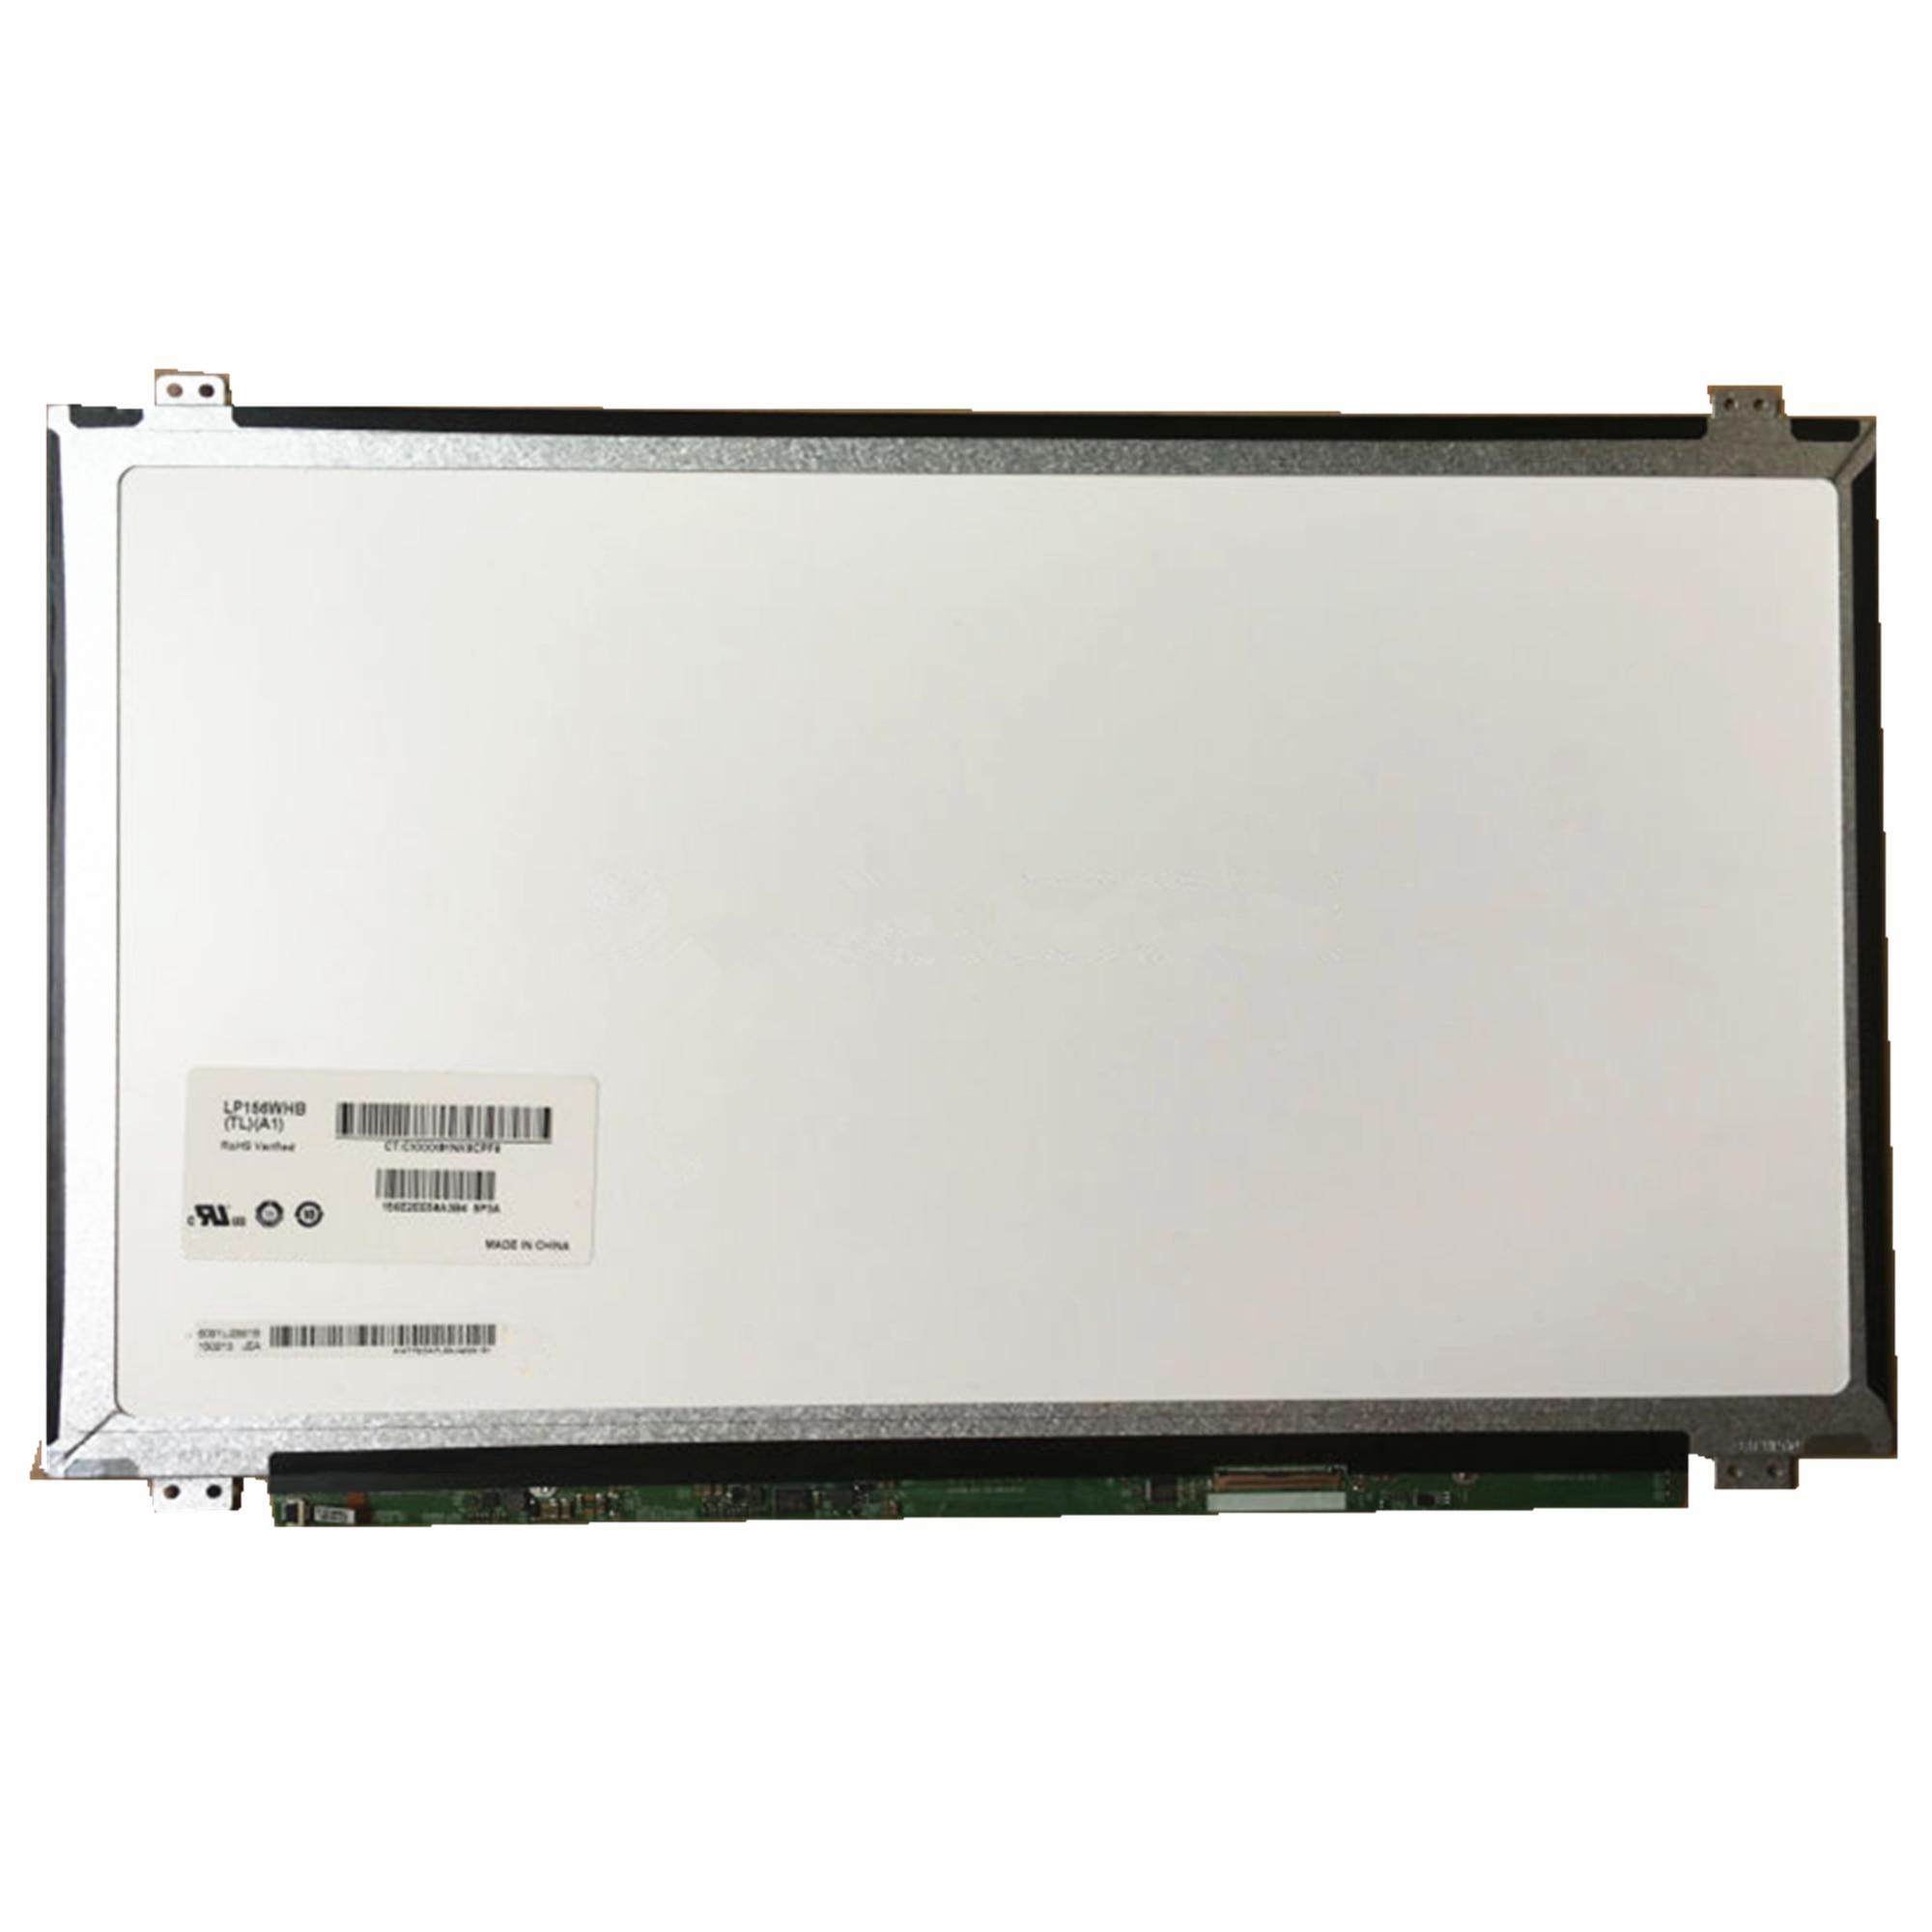 lp156whb tl c1 - Free Shipping LP156WHB TLA1 TLB1 LP156WHB TLC1 LP156WHB TLD1 LTN156AT20 B156XW04 V.5 V.6 V.0 15.6  LVDS 40pin 1366*76